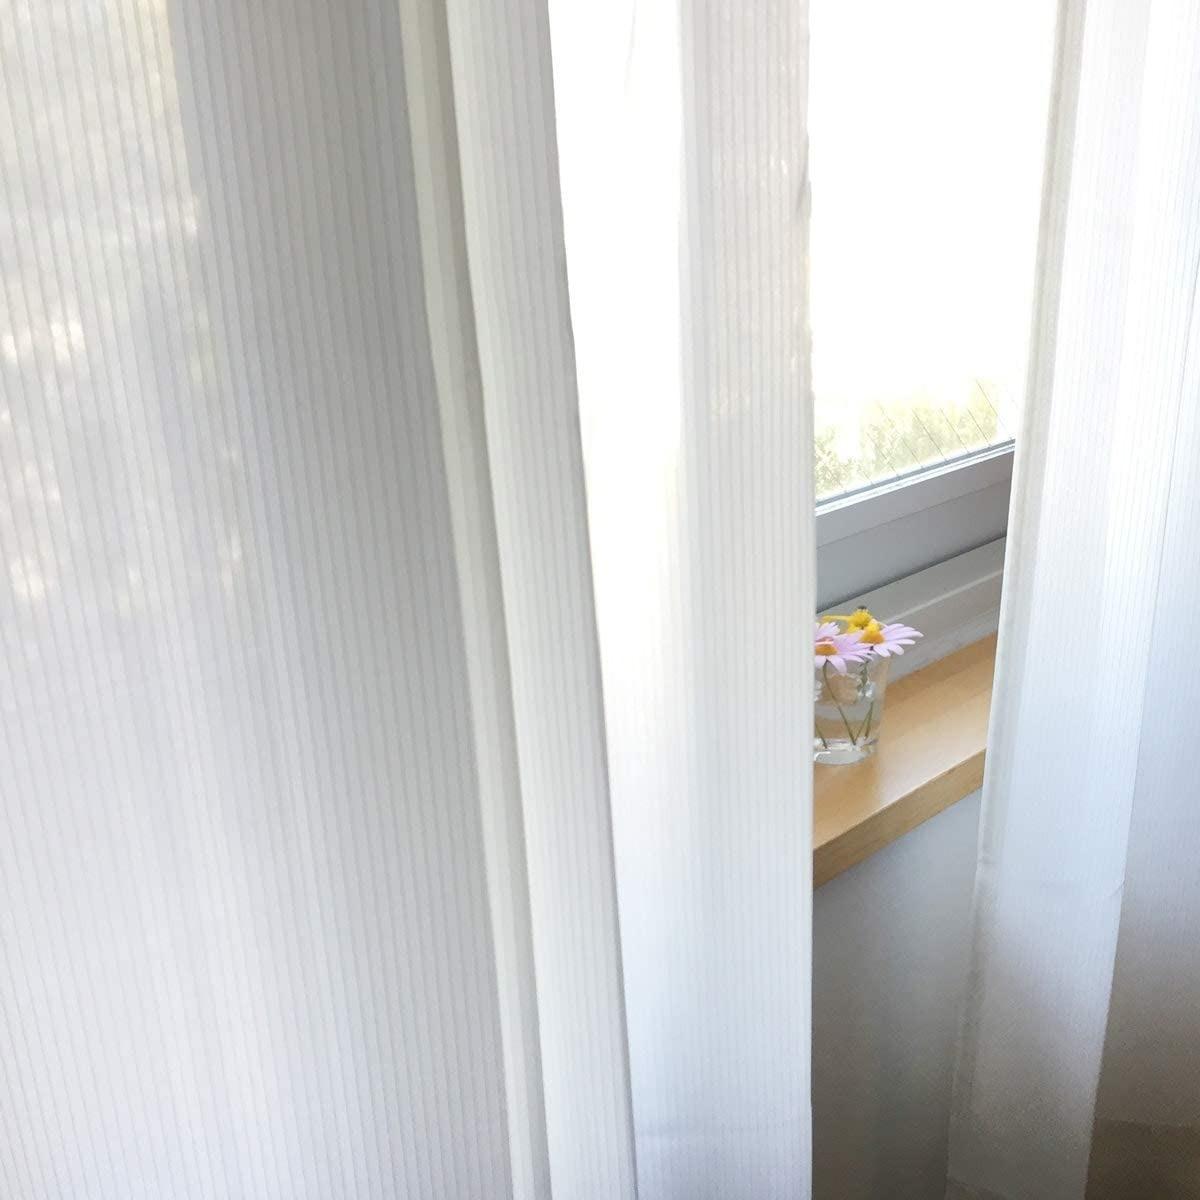 トリコ/アイボリー 遮像レースカーテン 遮熱・保温 UVカット 涼しや 形状記憶加工 ウォッシャブル カーテン 2枚入 / Aフック サイズ(幅×丈):100×176cm ksol-001-100-176